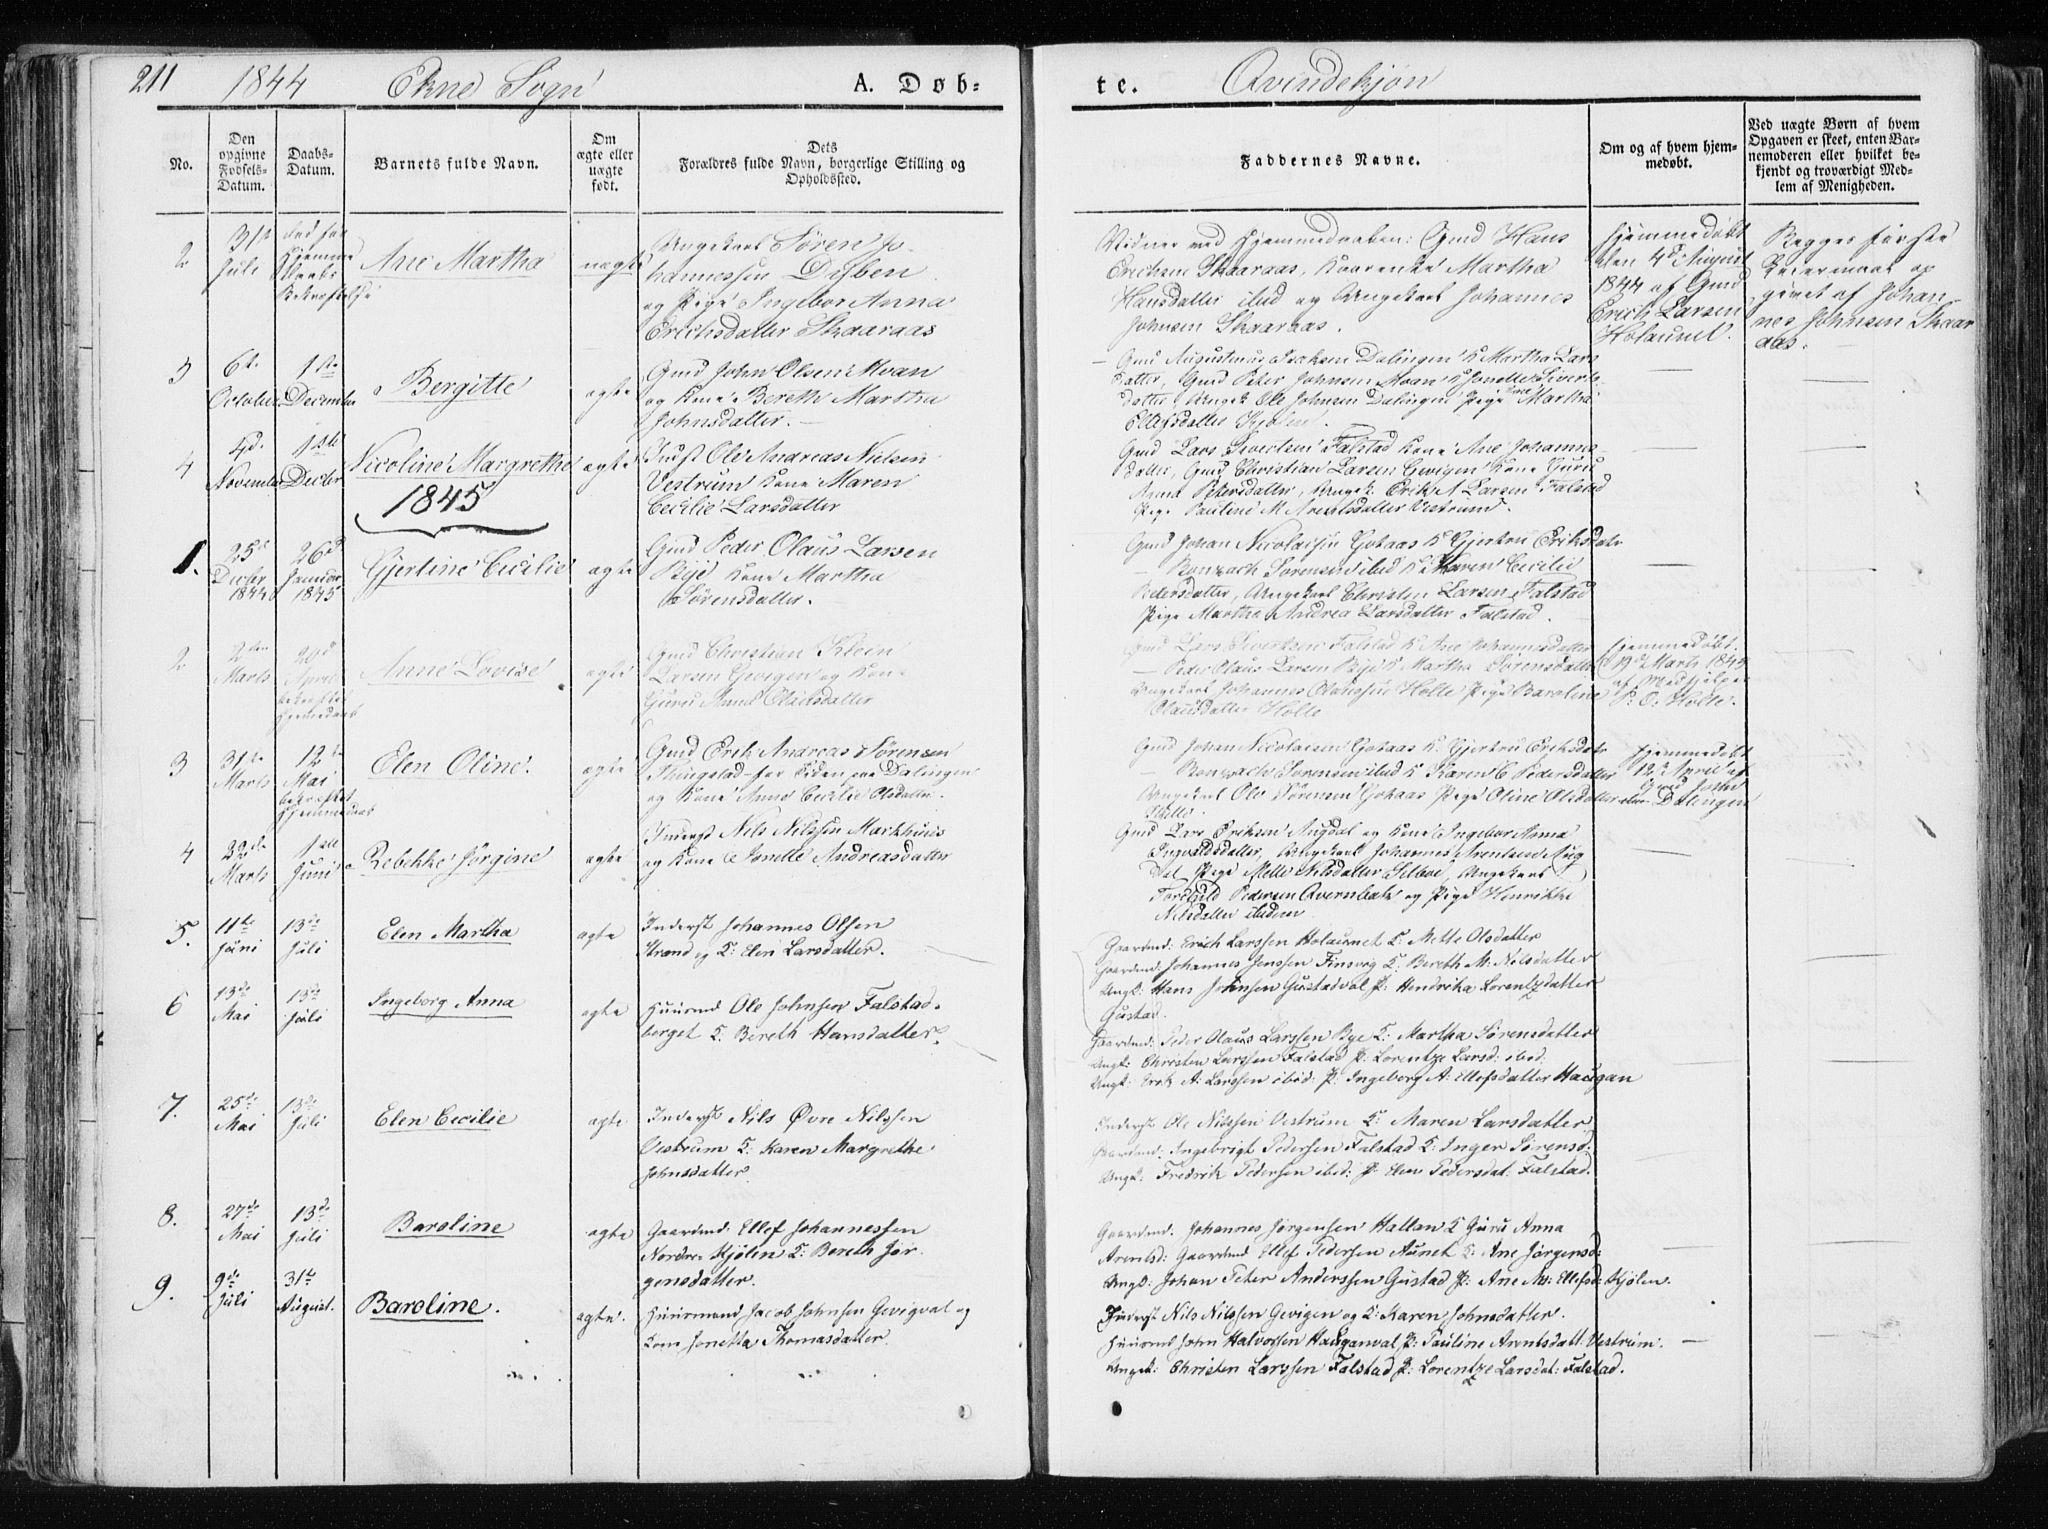 SAT, Ministerialprotokoller, klokkerbøker og fødselsregistre - Nord-Trøndelag, 717/L0154: Ministerialbok nr. 717A06 /2, 1836-1849, s. 211